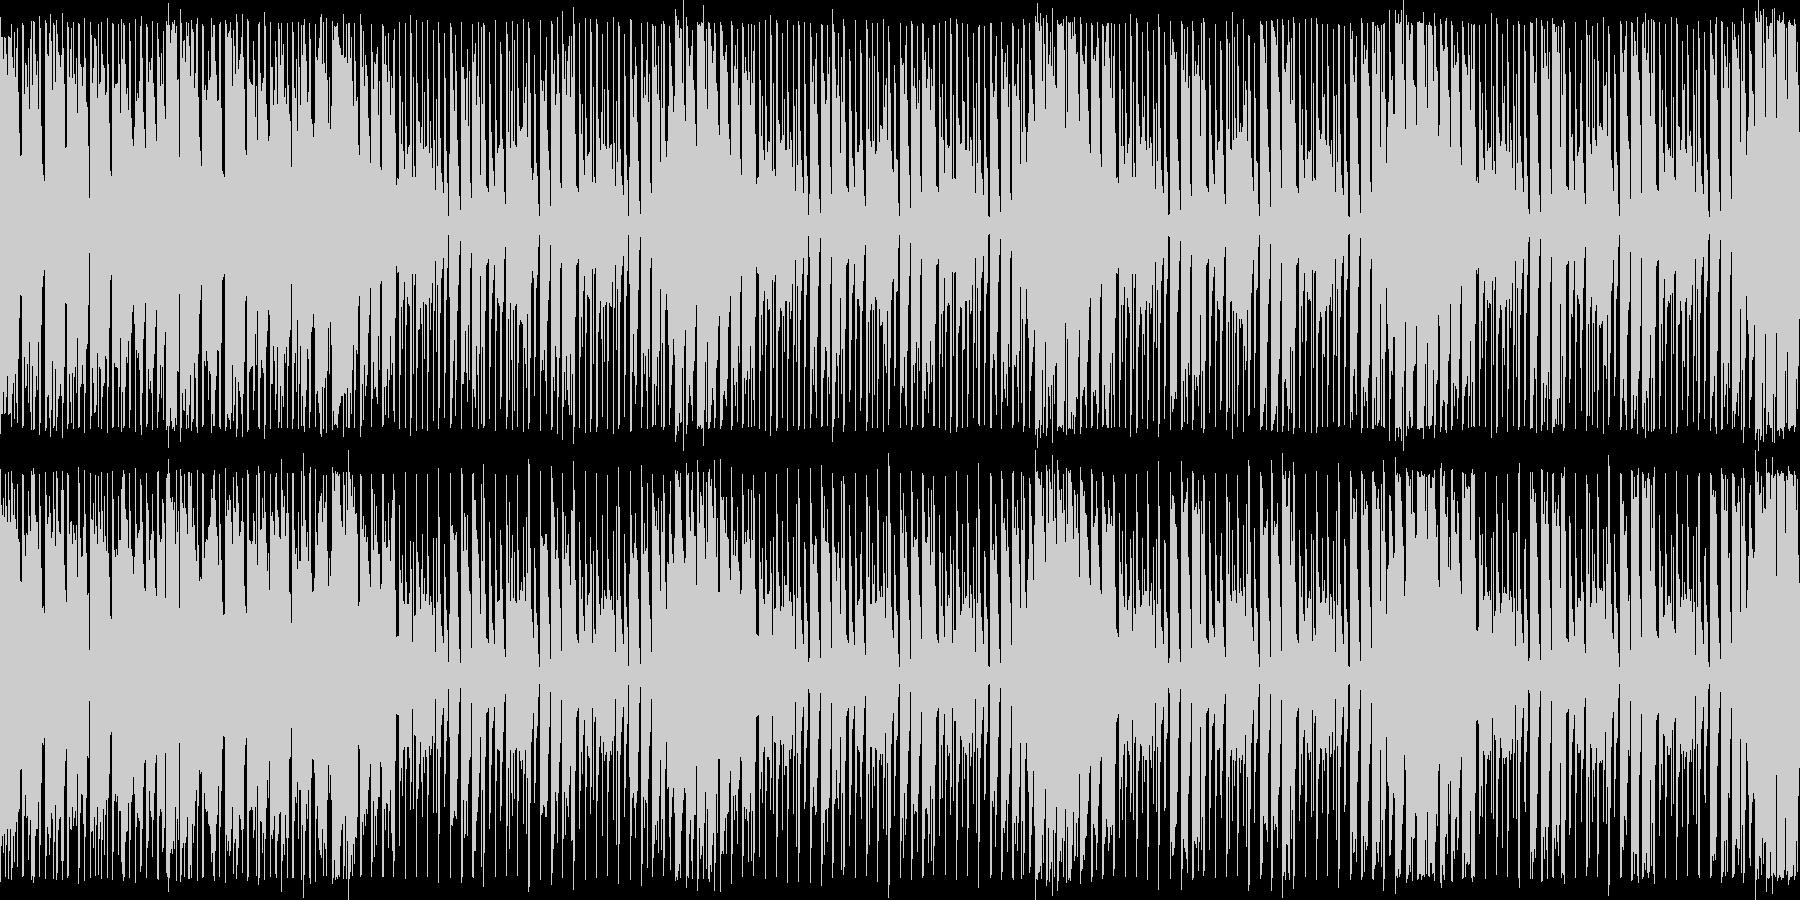 ダンスエクササイズBPM130:ループ版の未再生の波形